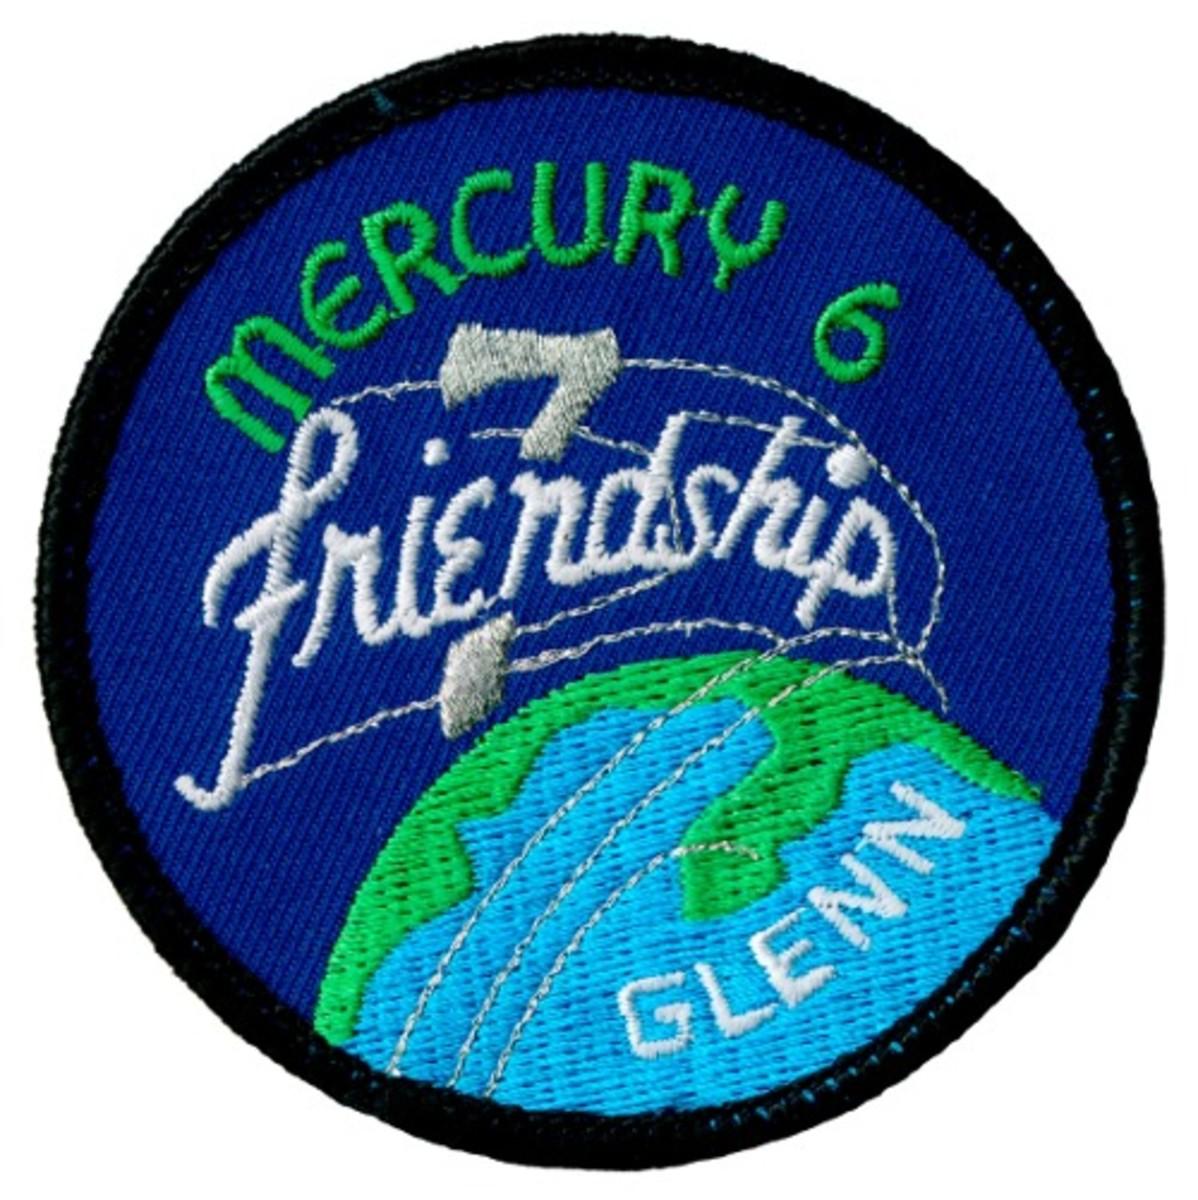 Mission Patch: John Glenn/Friendship 7